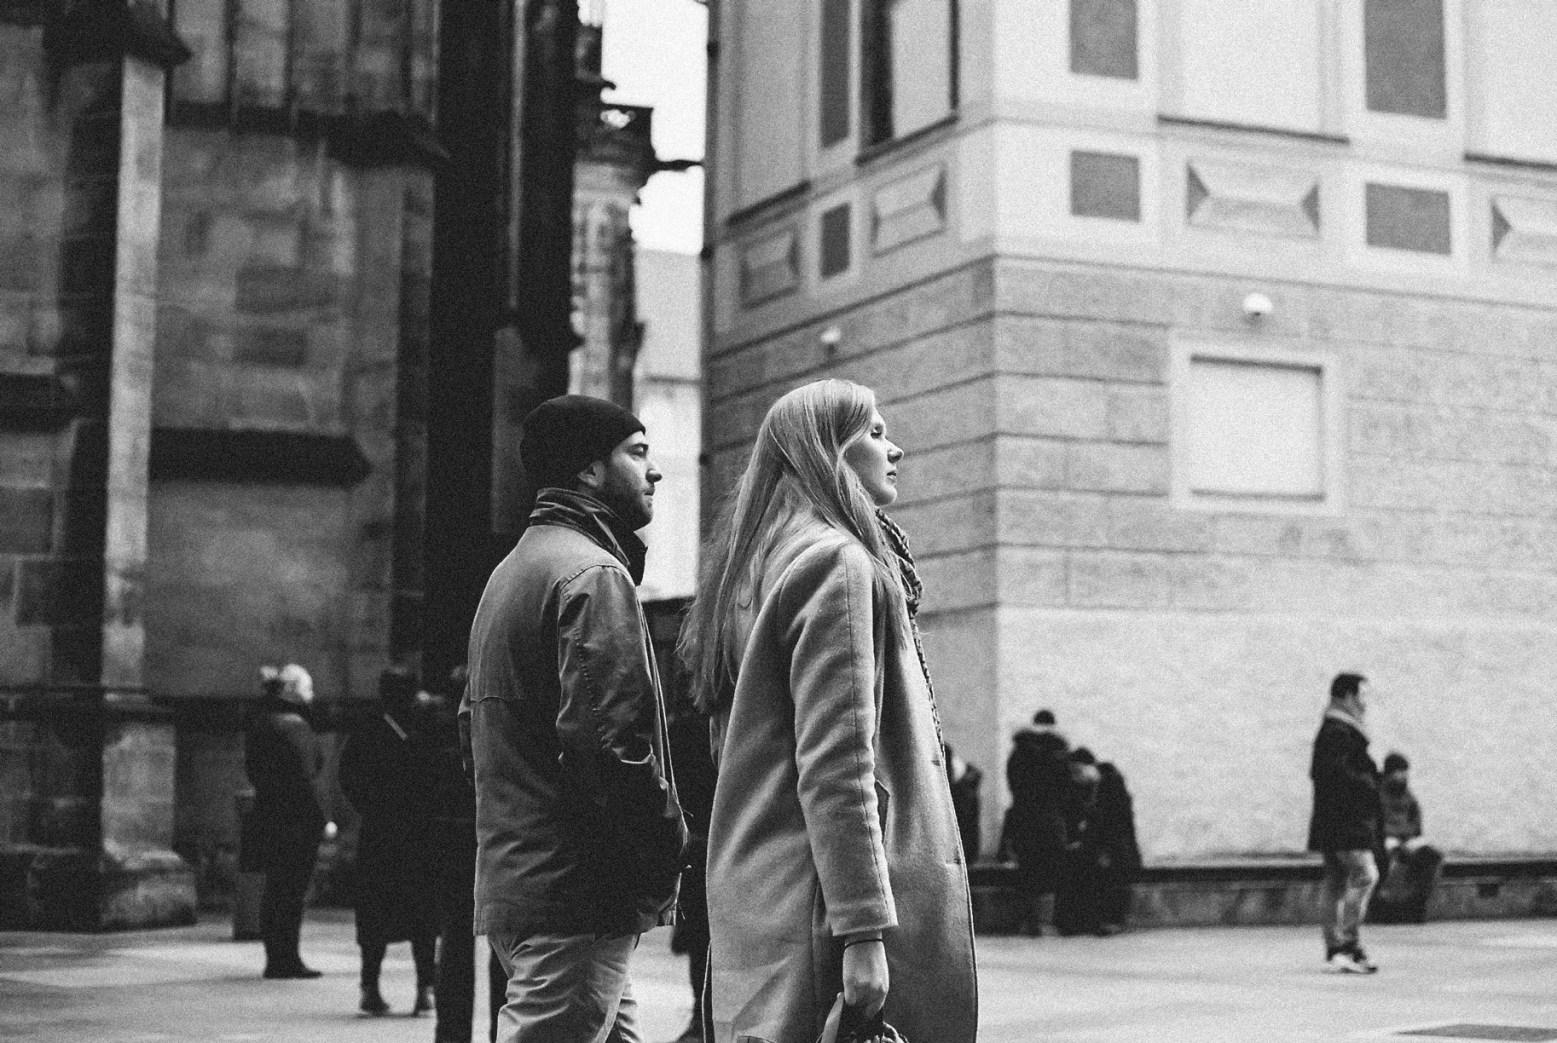 poulickna-fotografia-streetphotography-bud-trpezlivy